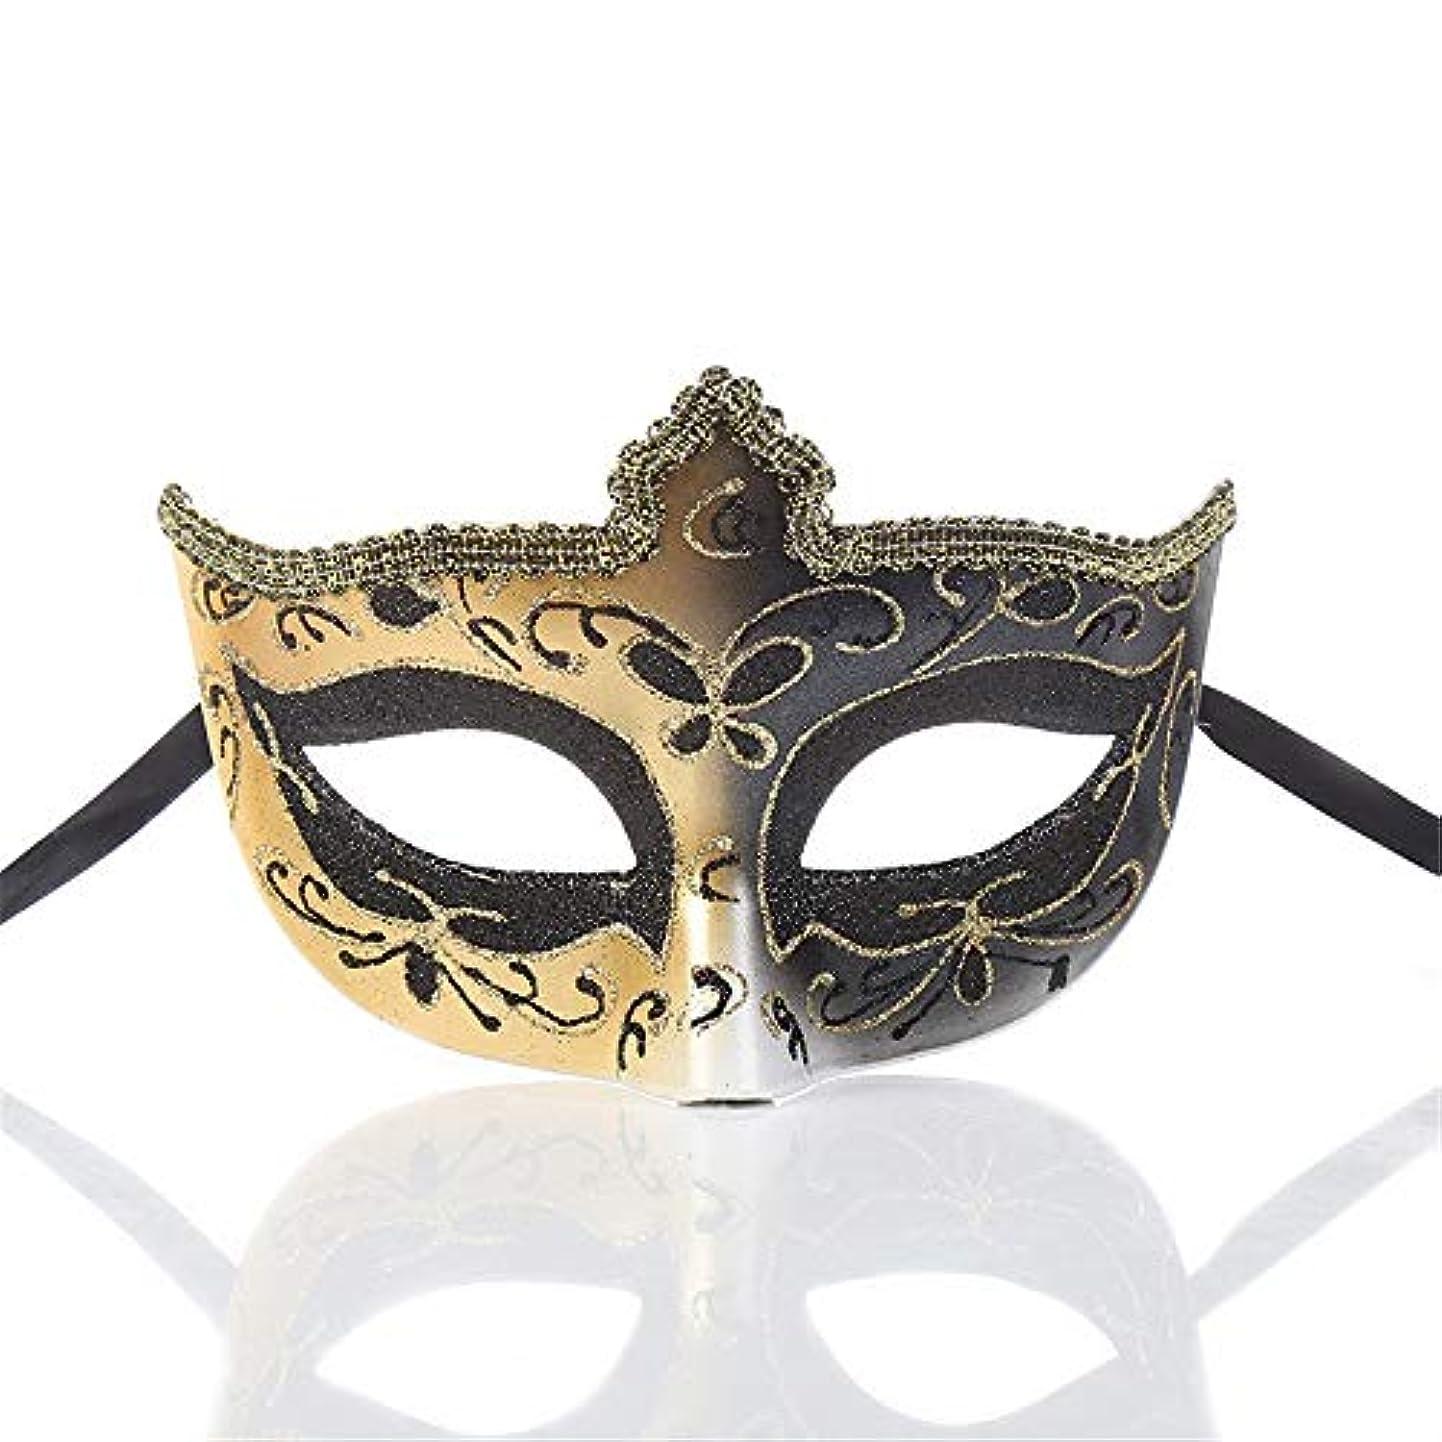 証言する忌避剤眩惑するダンスマスク クリエイティブクラシックハーフマスクマスカレードパーティーデコレーションコスプレプラスチックマスク ホリデーパーティー用品 (色 : ブラック, サイズ : 17x11cm)